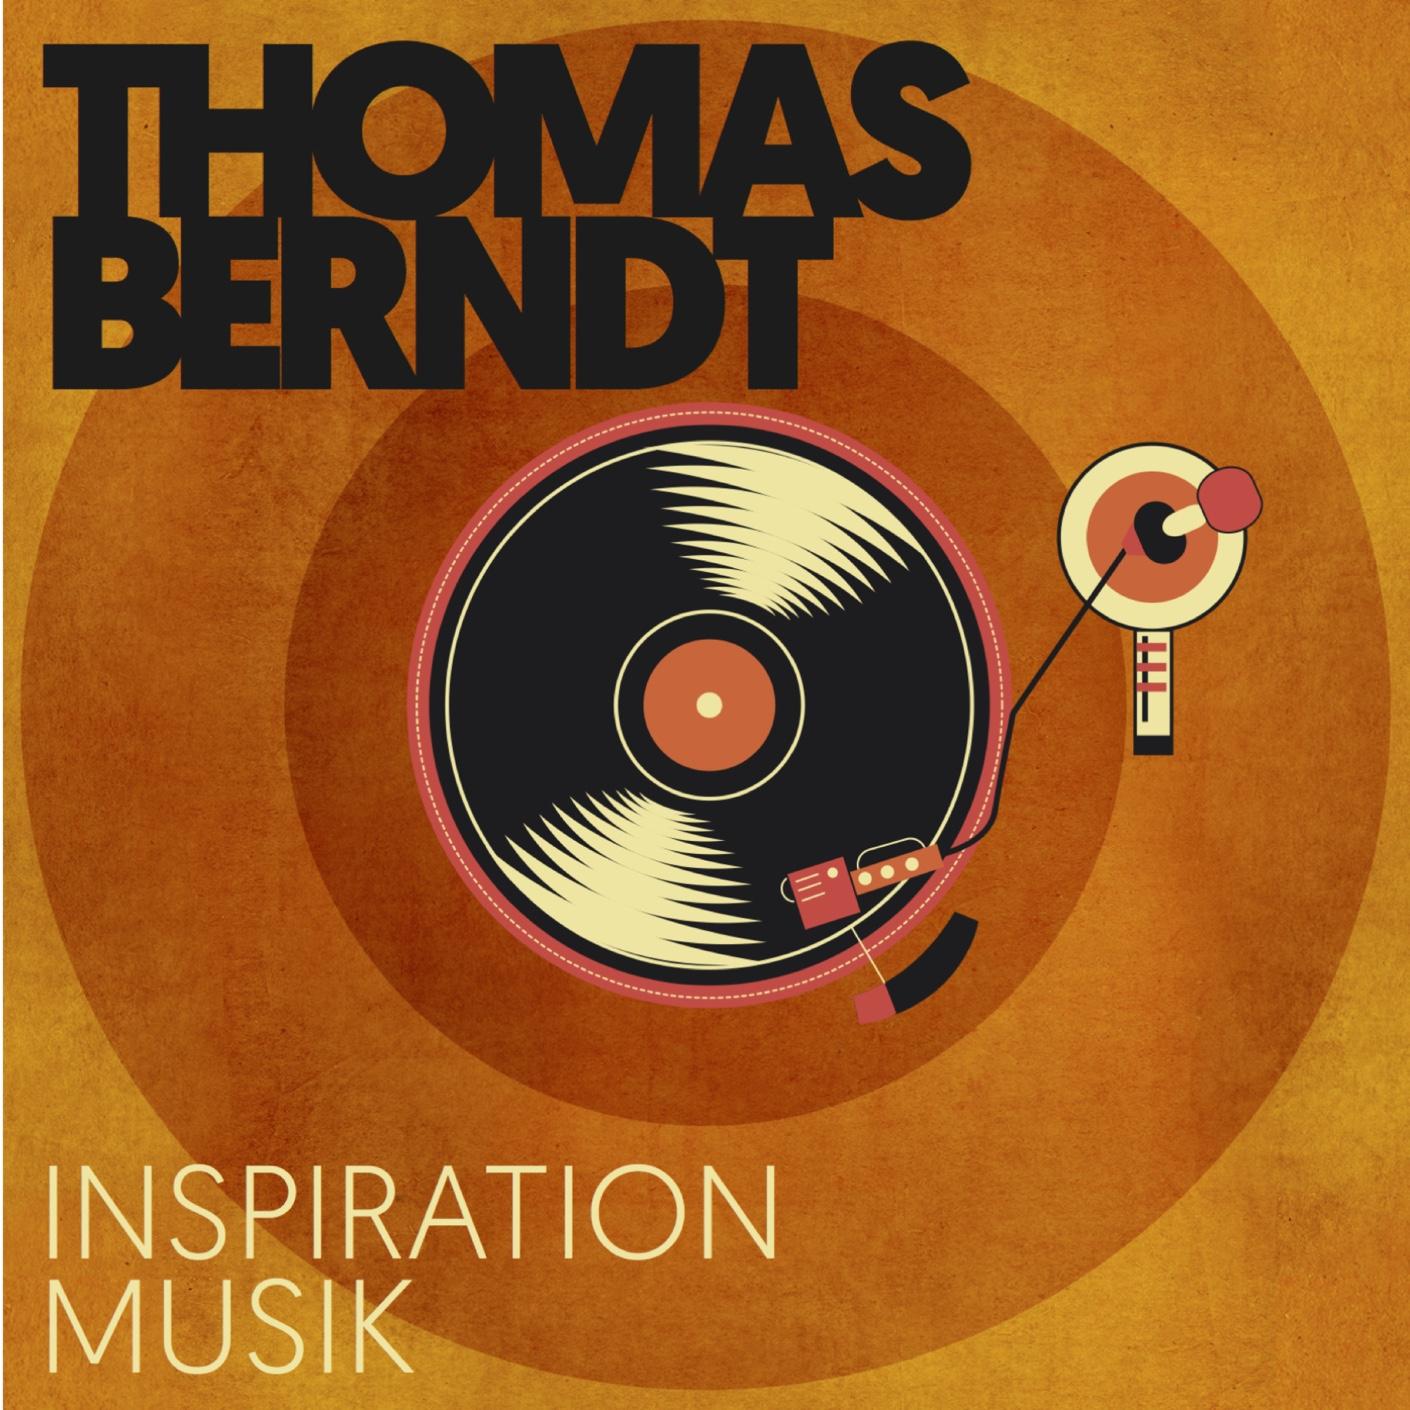 Inspiration Musik show art